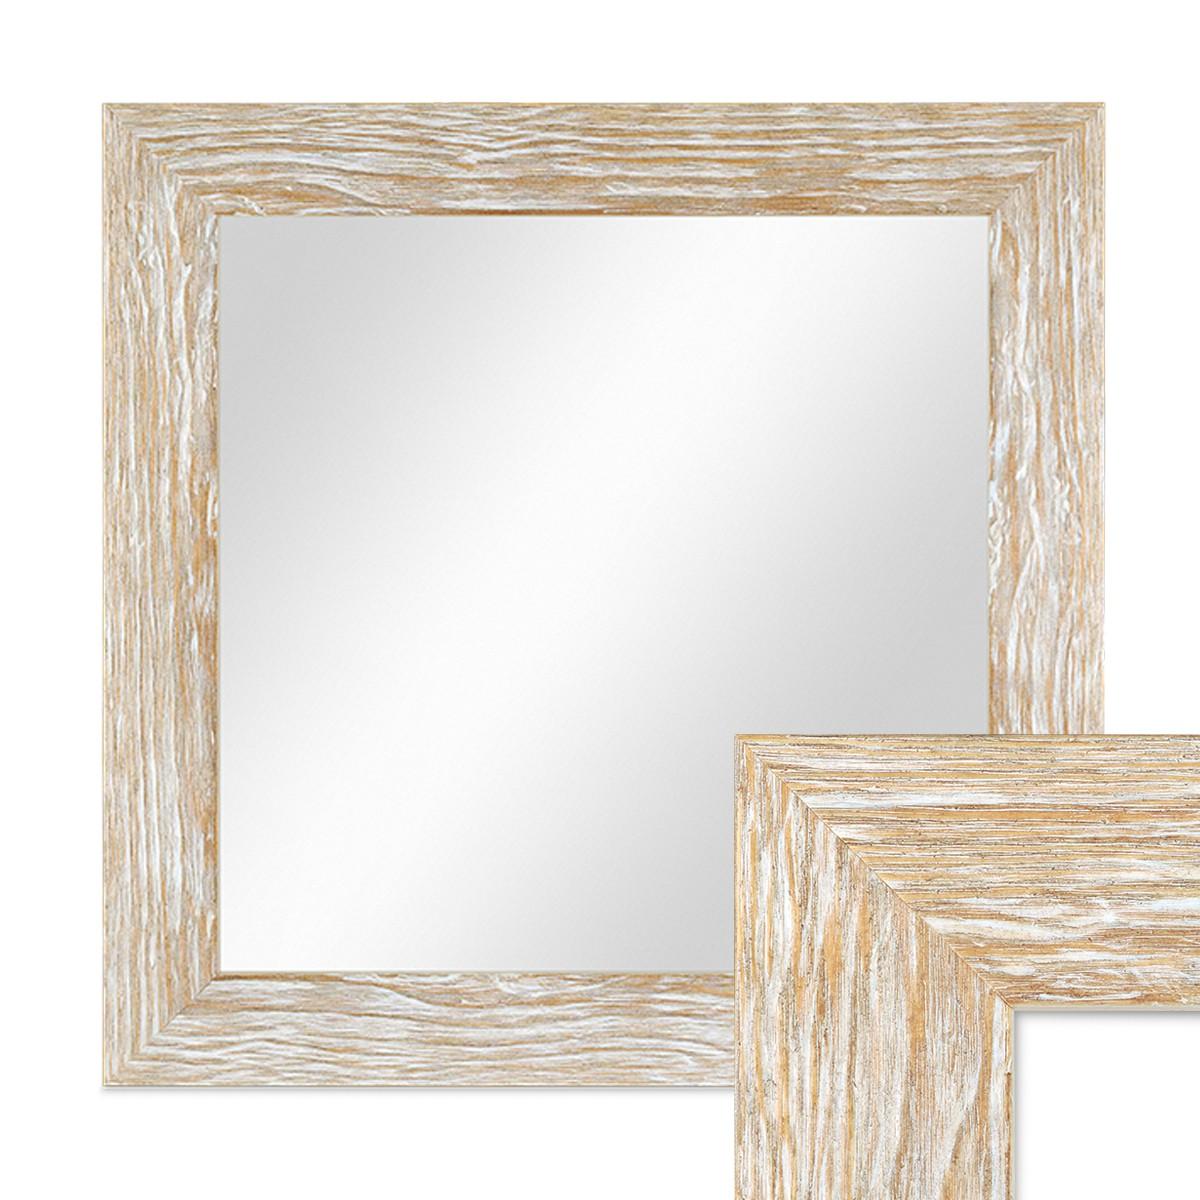 Wand spiegel 38x38 cm im holzrahmen sonoma eiche optik - Spiegel holzrahmen eiche ...